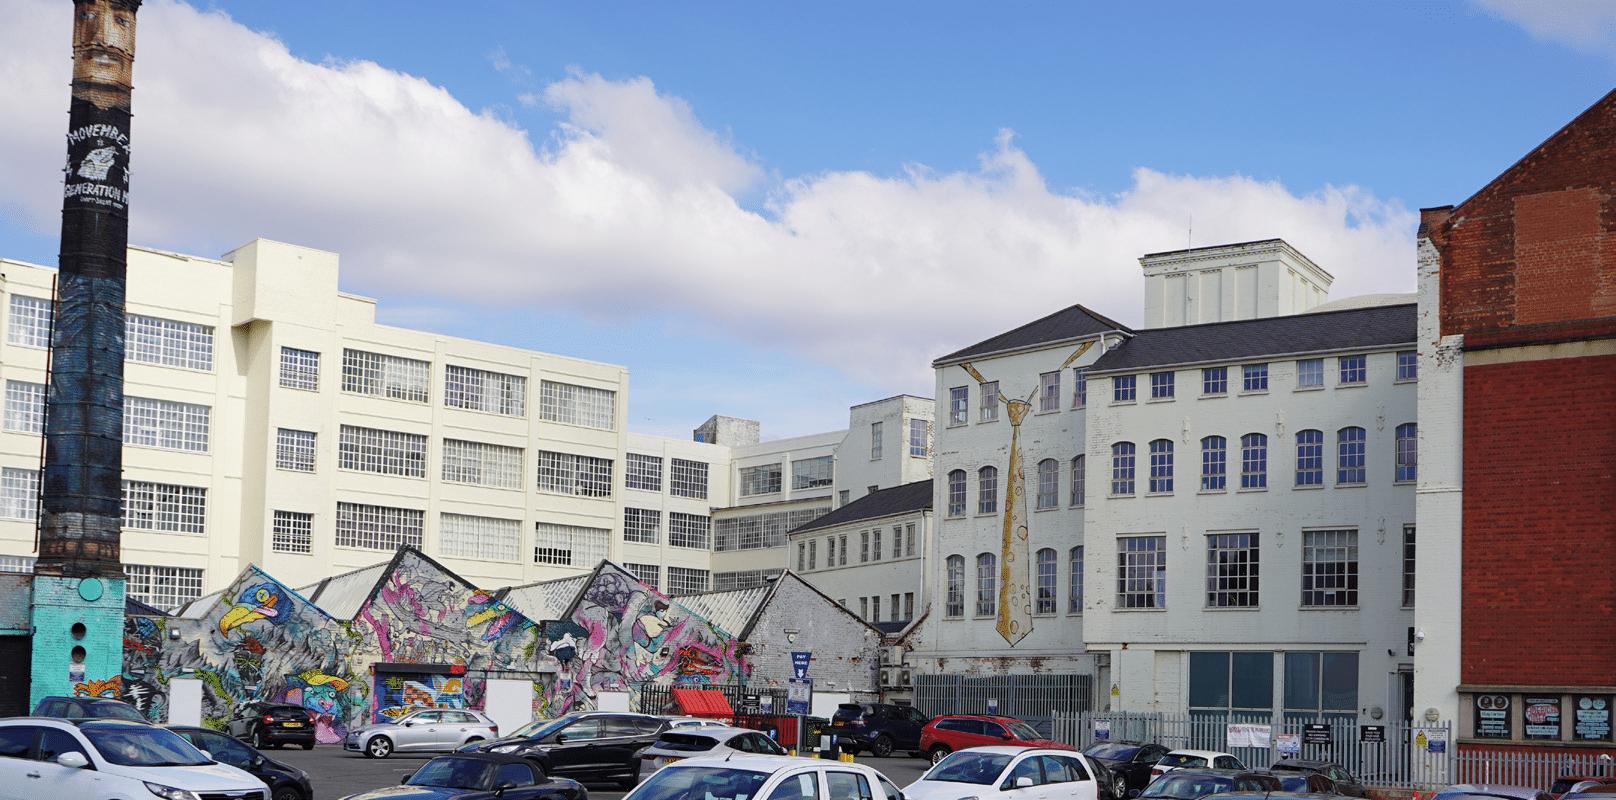 custard factory graffiti